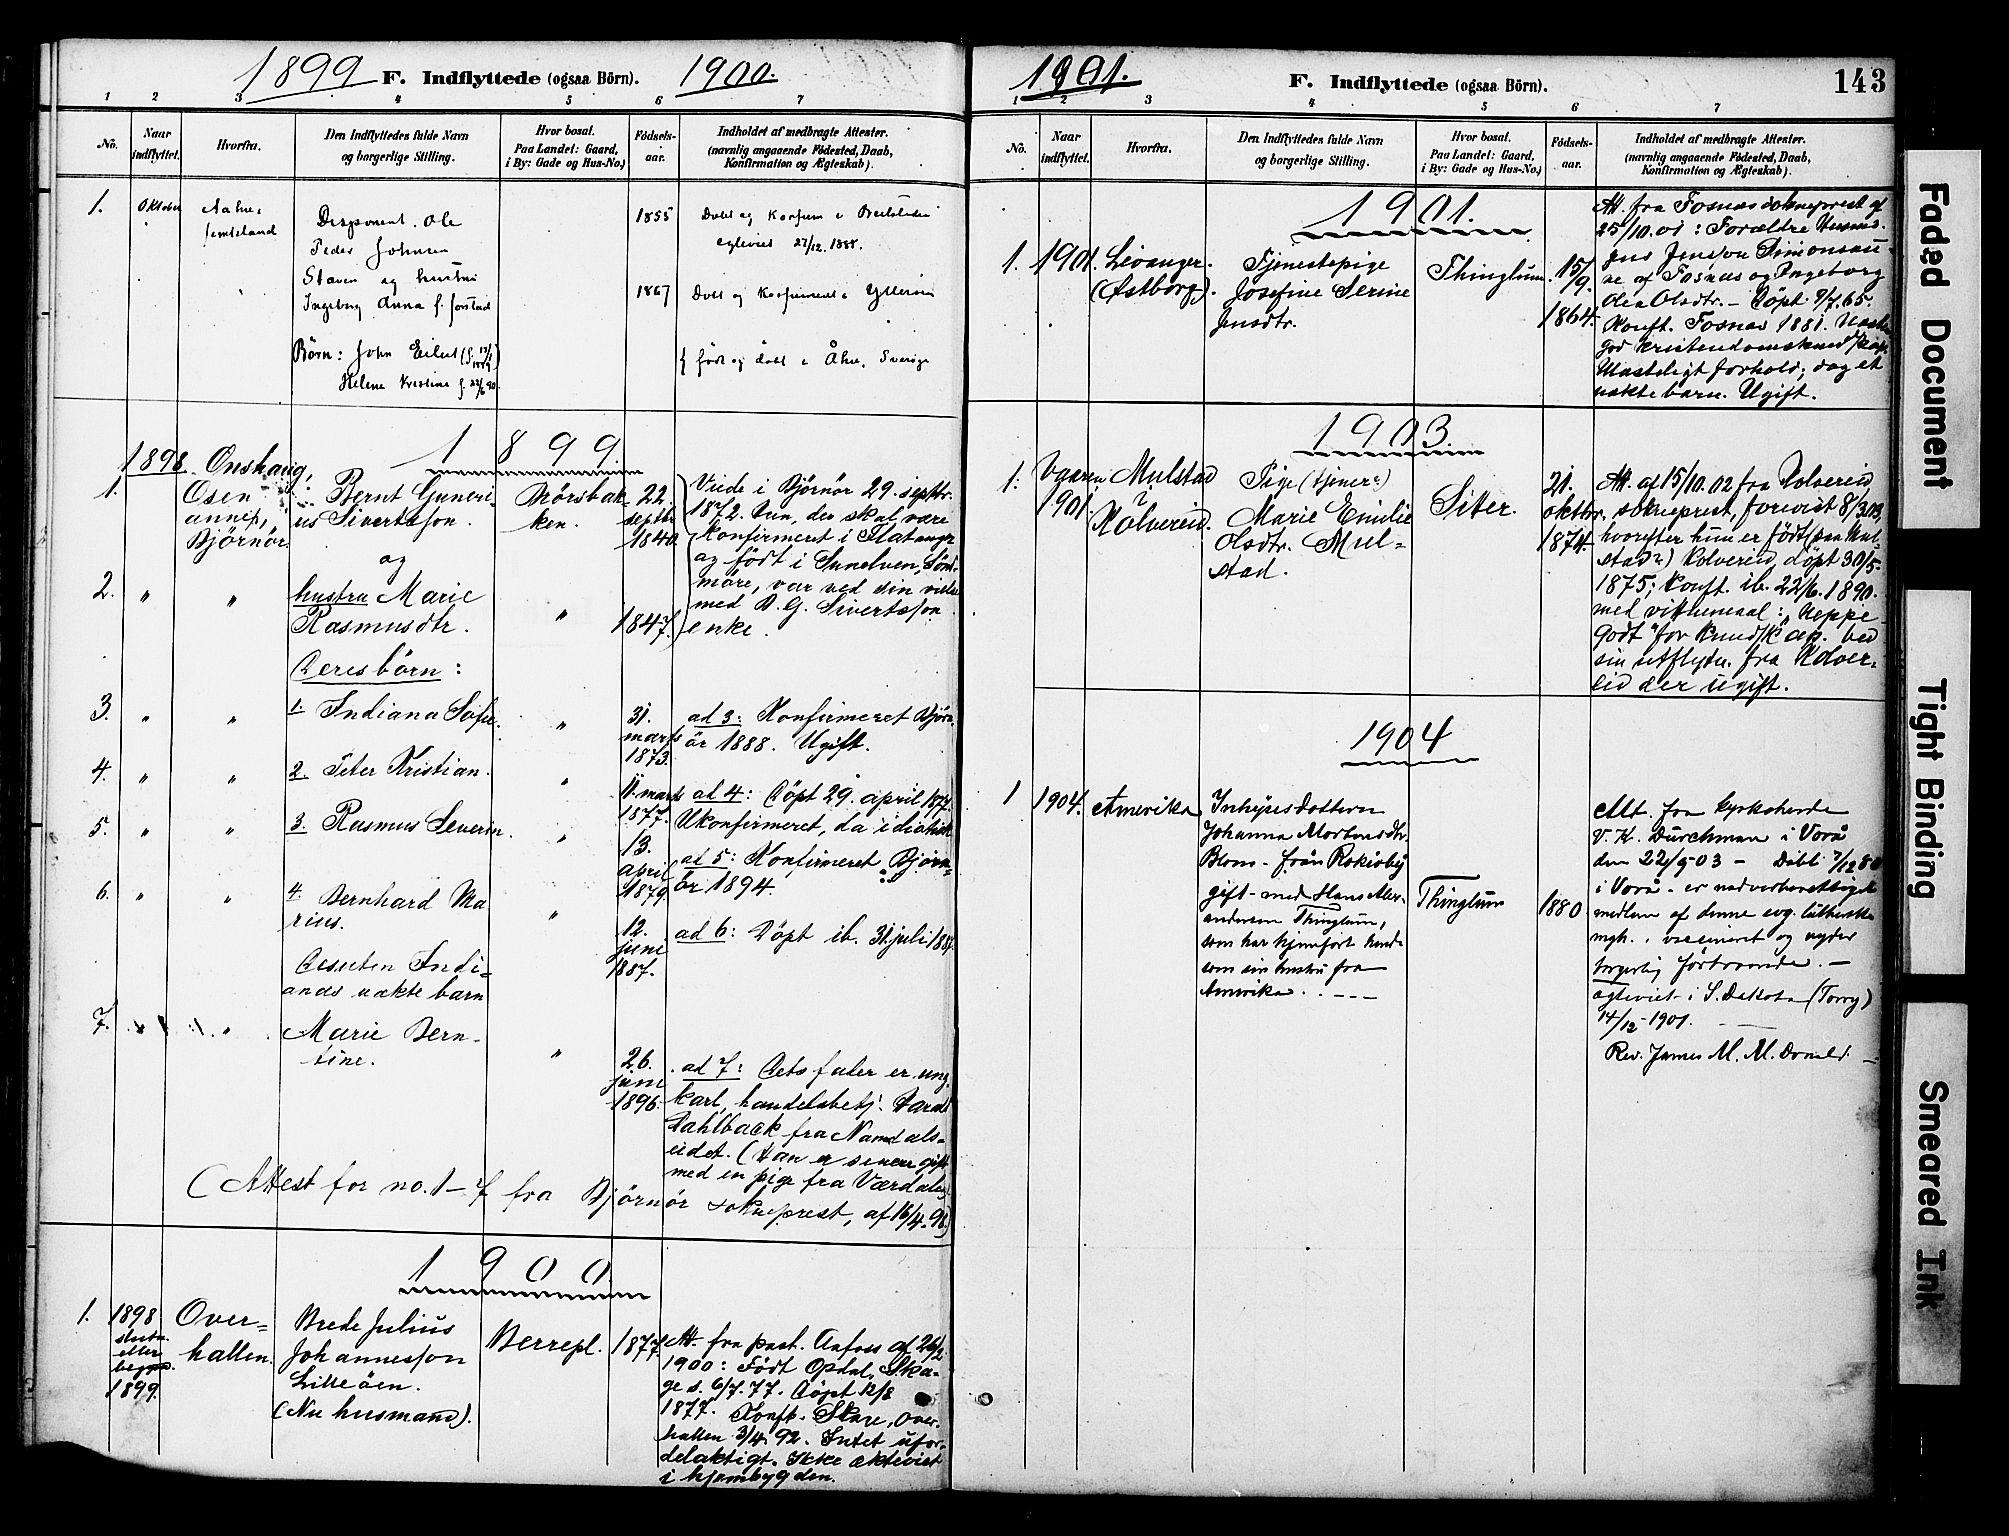 SAT, Ministerialprotokoller, klokkerbøker og fødselsregistre - Nord-Trøndelag, 742/L0409: Ministerialbok nr. 742A02, 1891-1905, s. 143